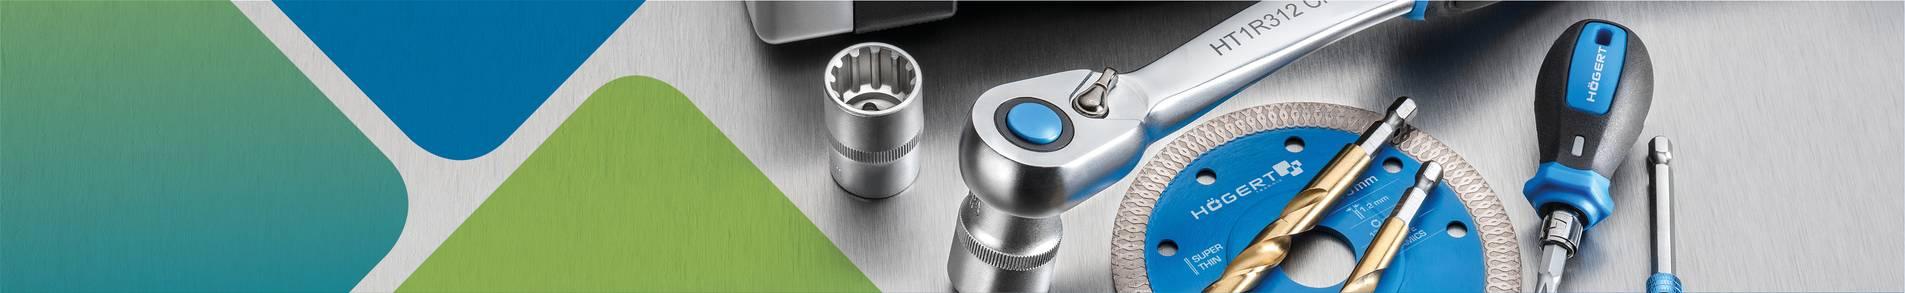 Naslovna slika za Mehanički alati